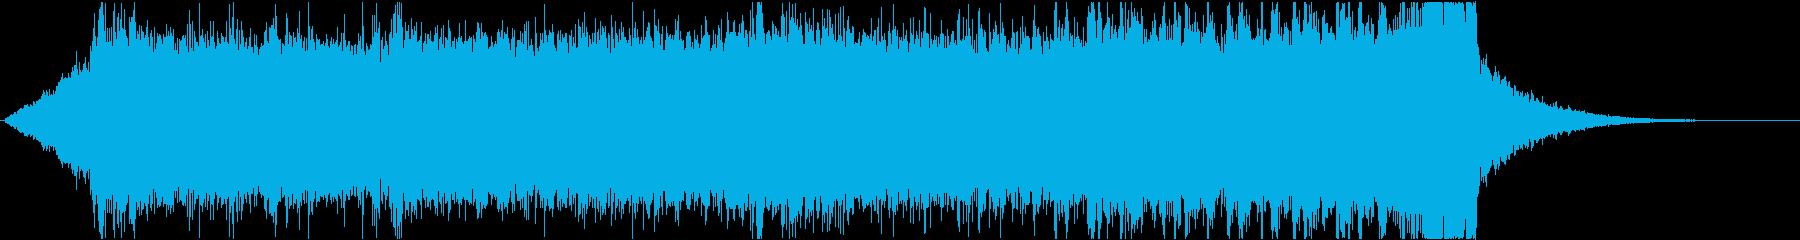 SFでシリアスなアンビエント、エレクトロの再生済みの波形